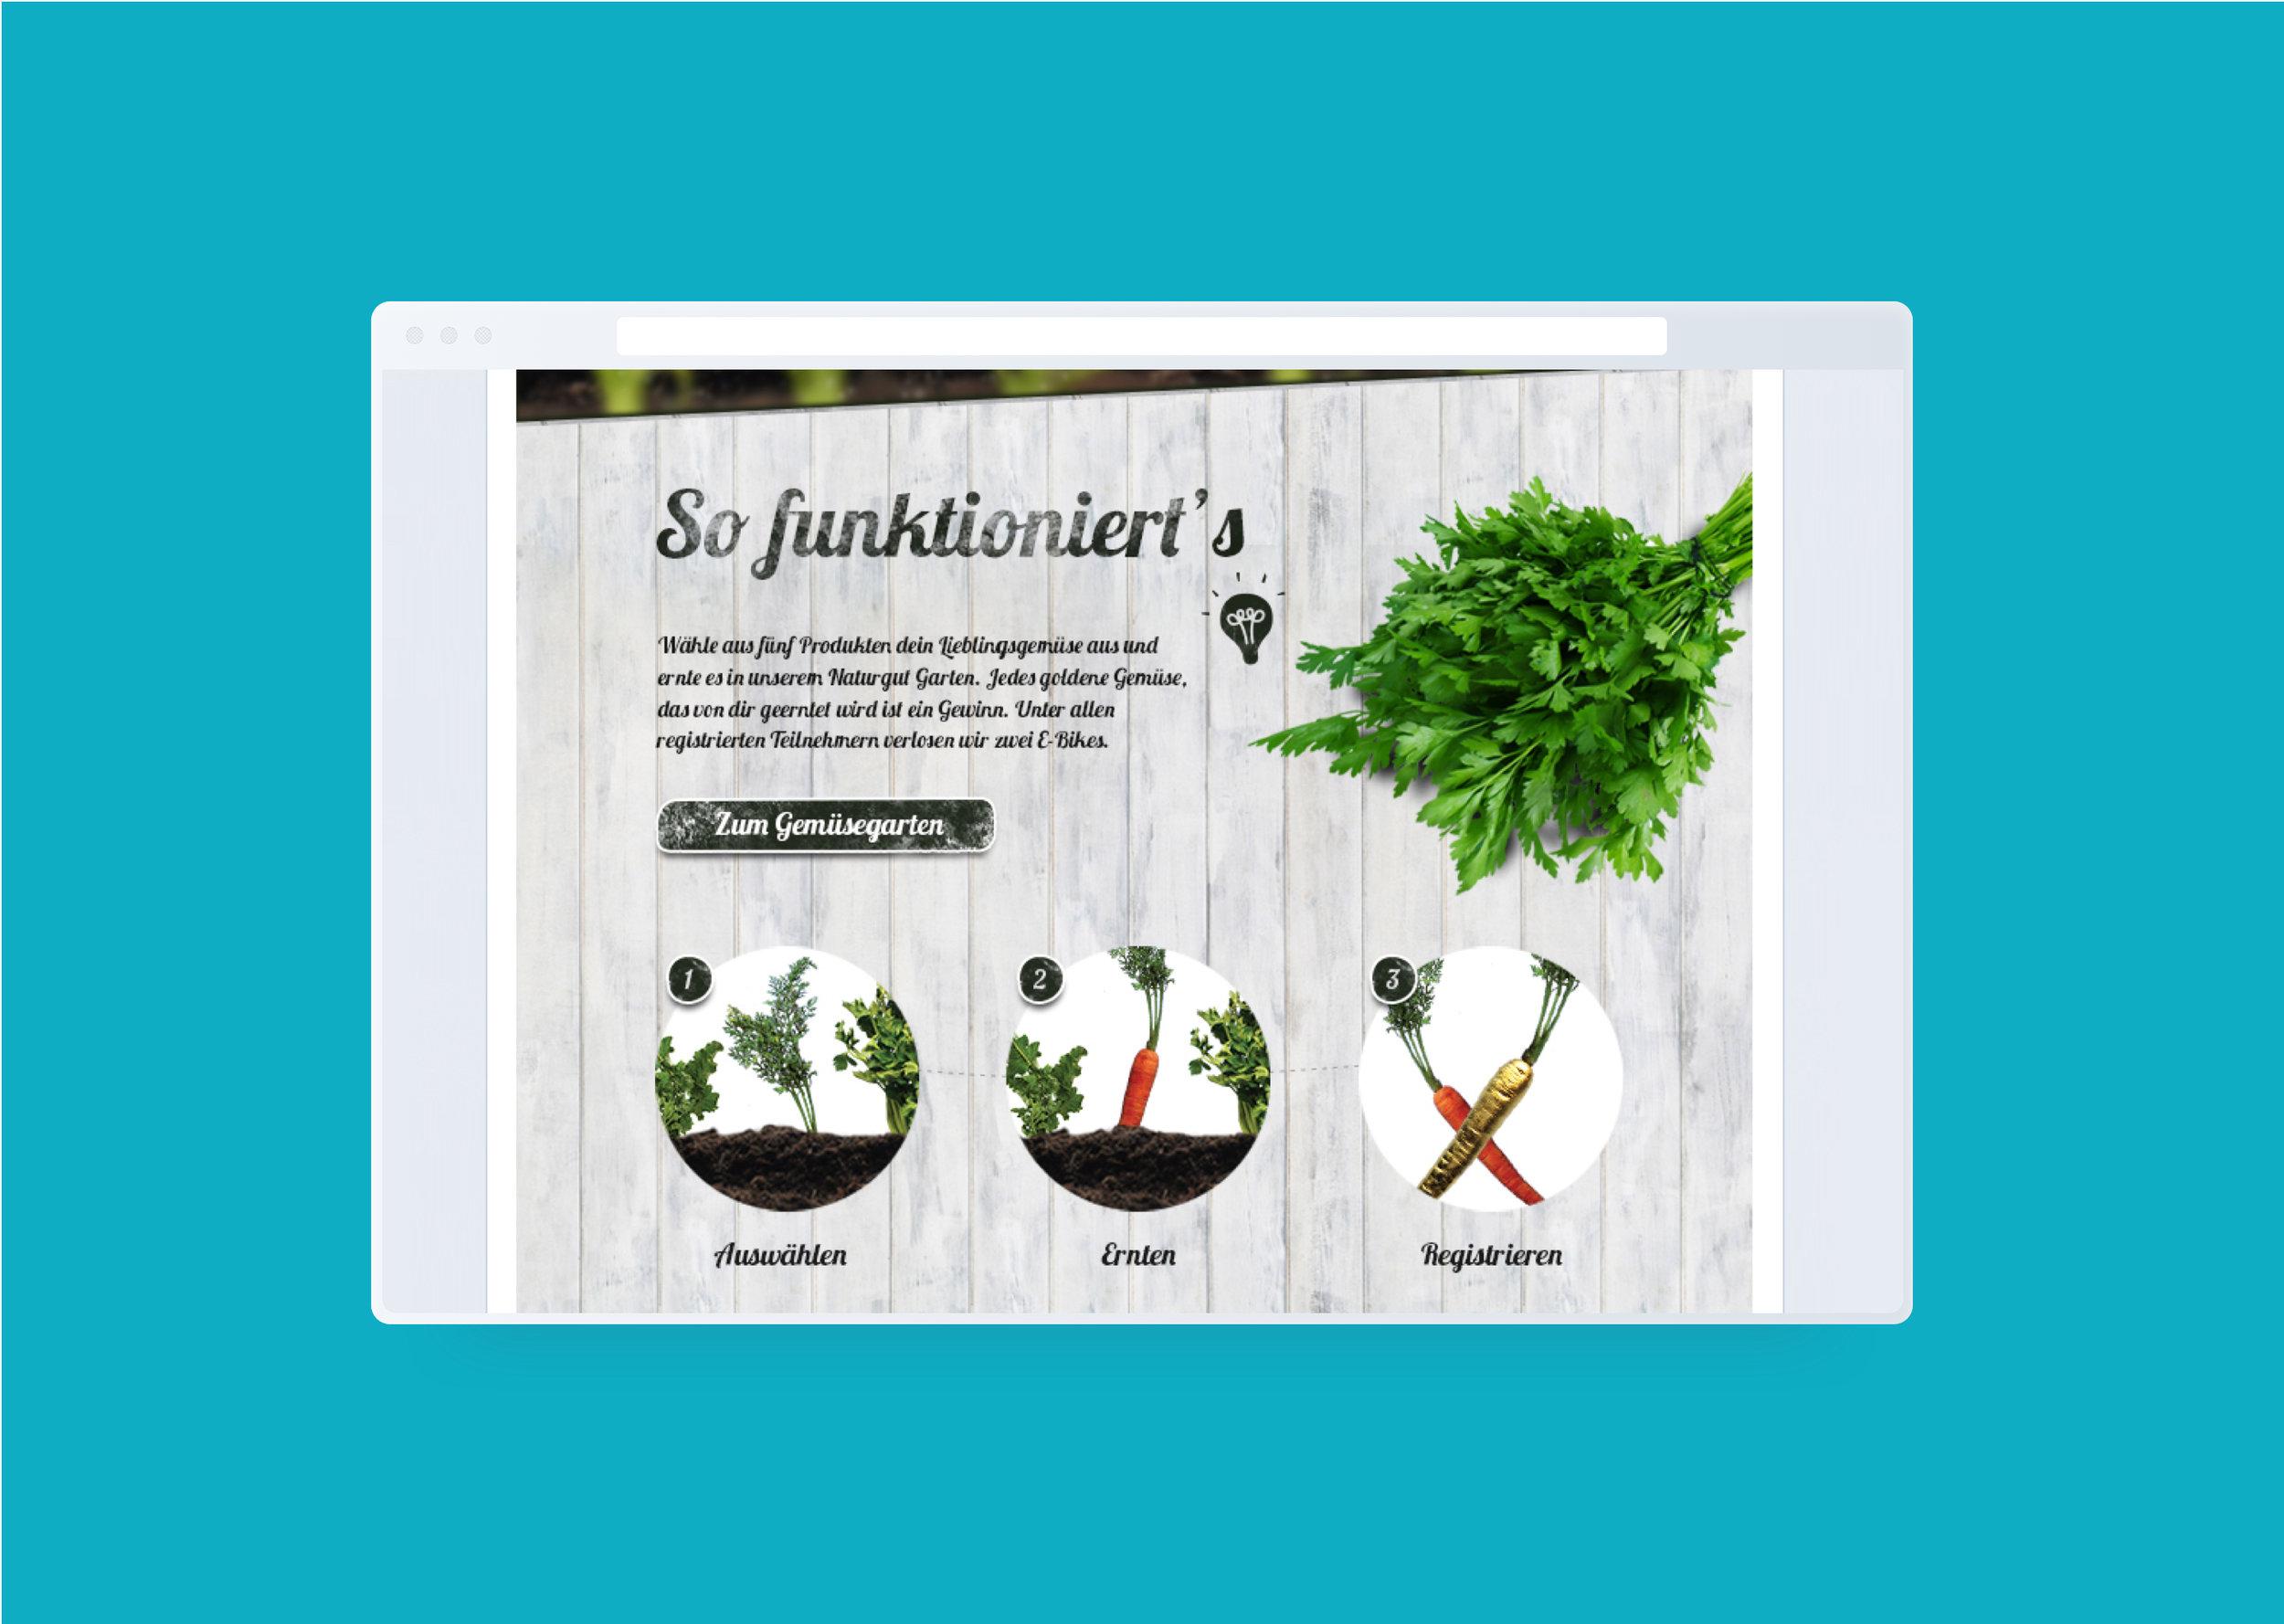 Browser-Mockup-Gemüssegarten_1.jpg